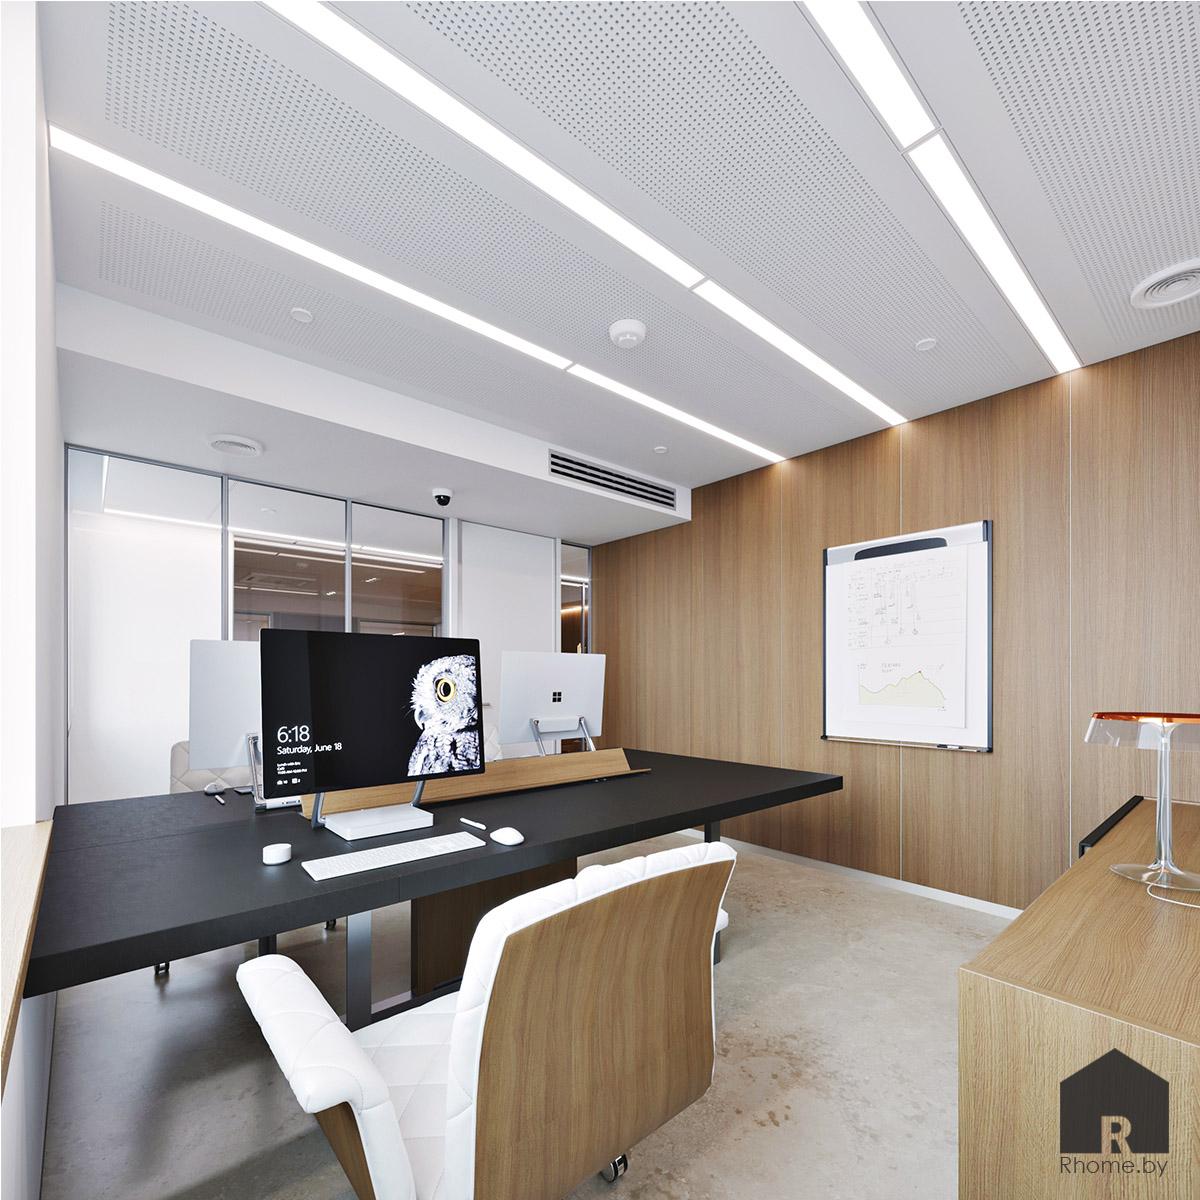 Дизайн интерьера офисного кабинета | Дизайн студия – Rhome.by